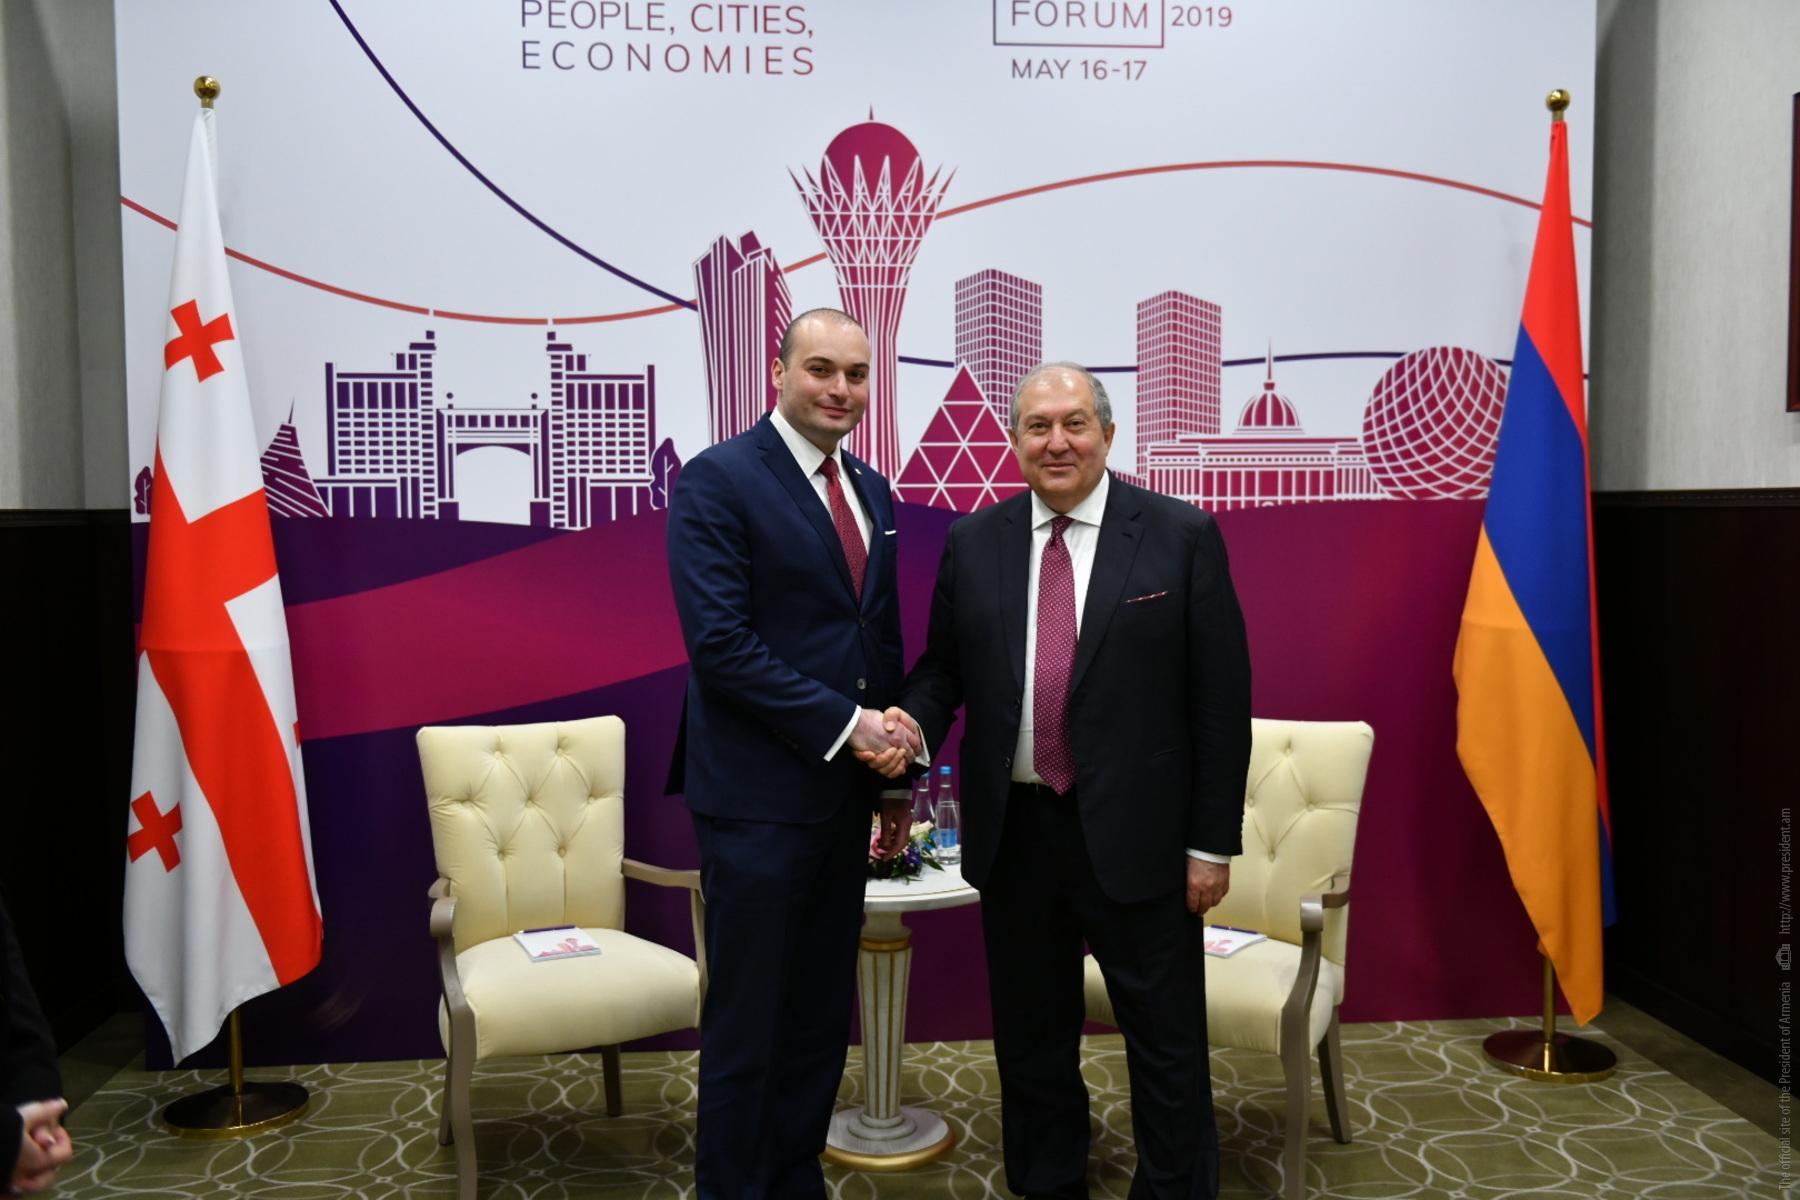 Հայ-վրացական հարաբերությունները զարգացման մեծ ներուժ ունեն. նախագահը հանդիպել է Վրաստանի վարչապետ հետ